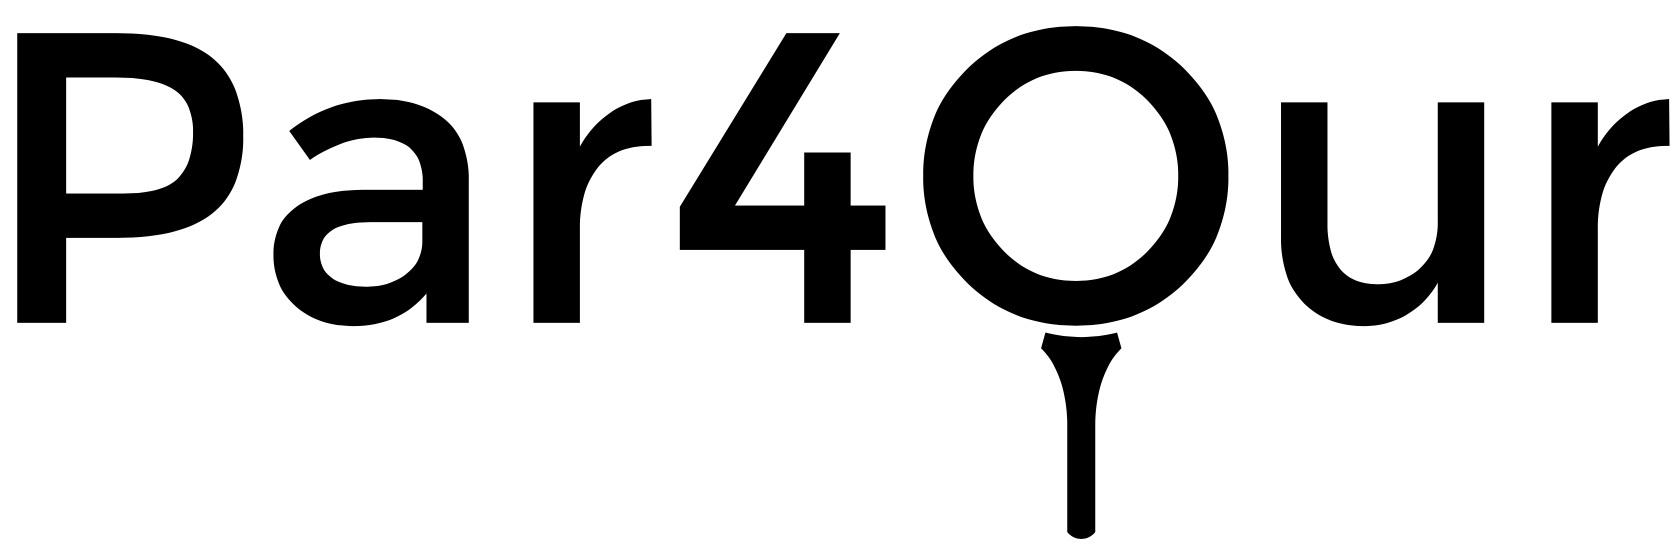 Par4our_logo_BW_Squarespce.jpg